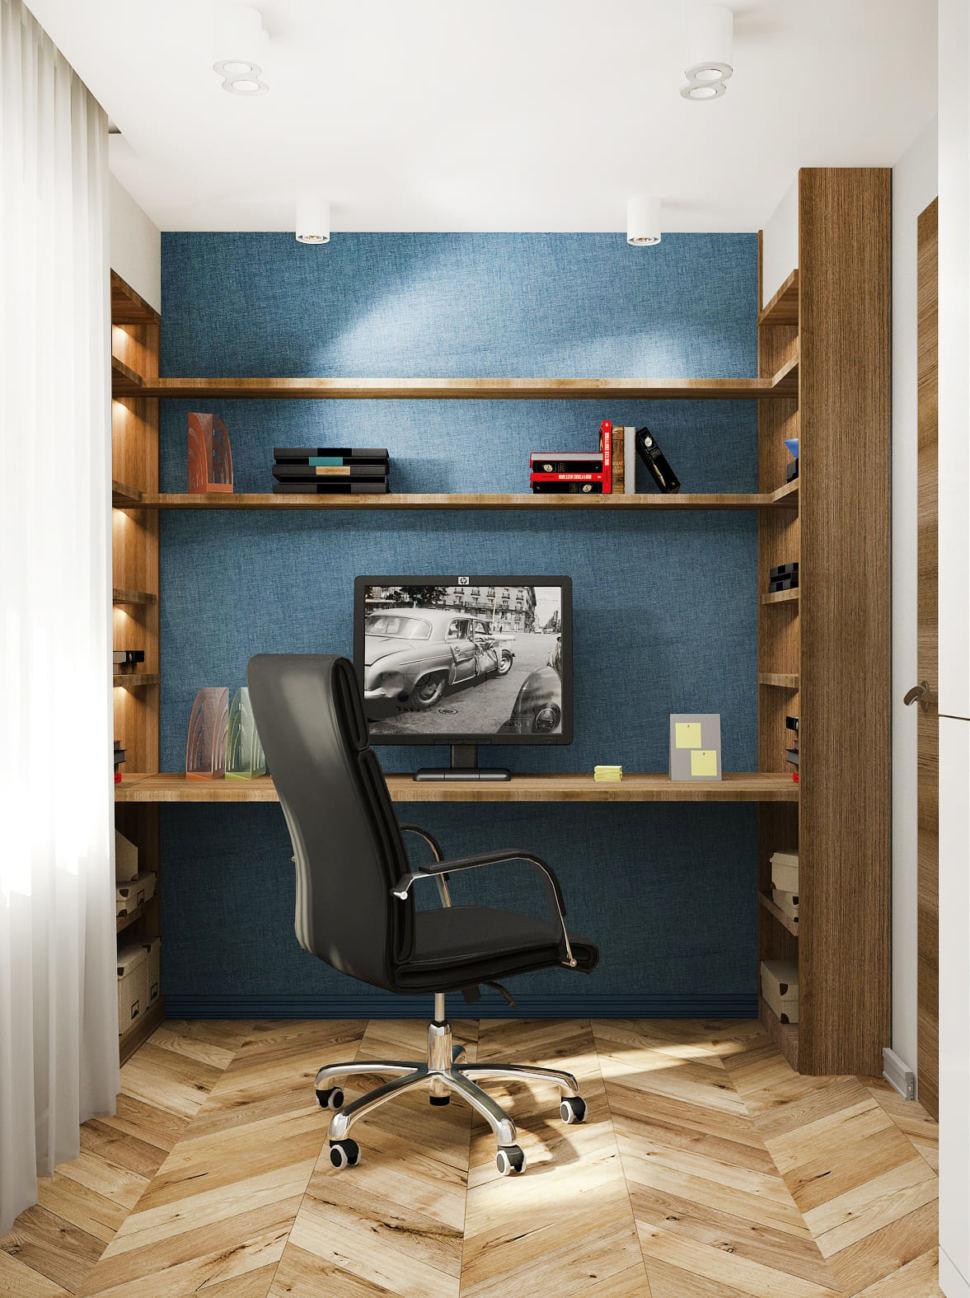 Визуализация комфортного кабинета 14 кв.м в 4-х комнатной квартире с древесными оттенками, рабочий стол, стеллаж, доска, белый шкаф